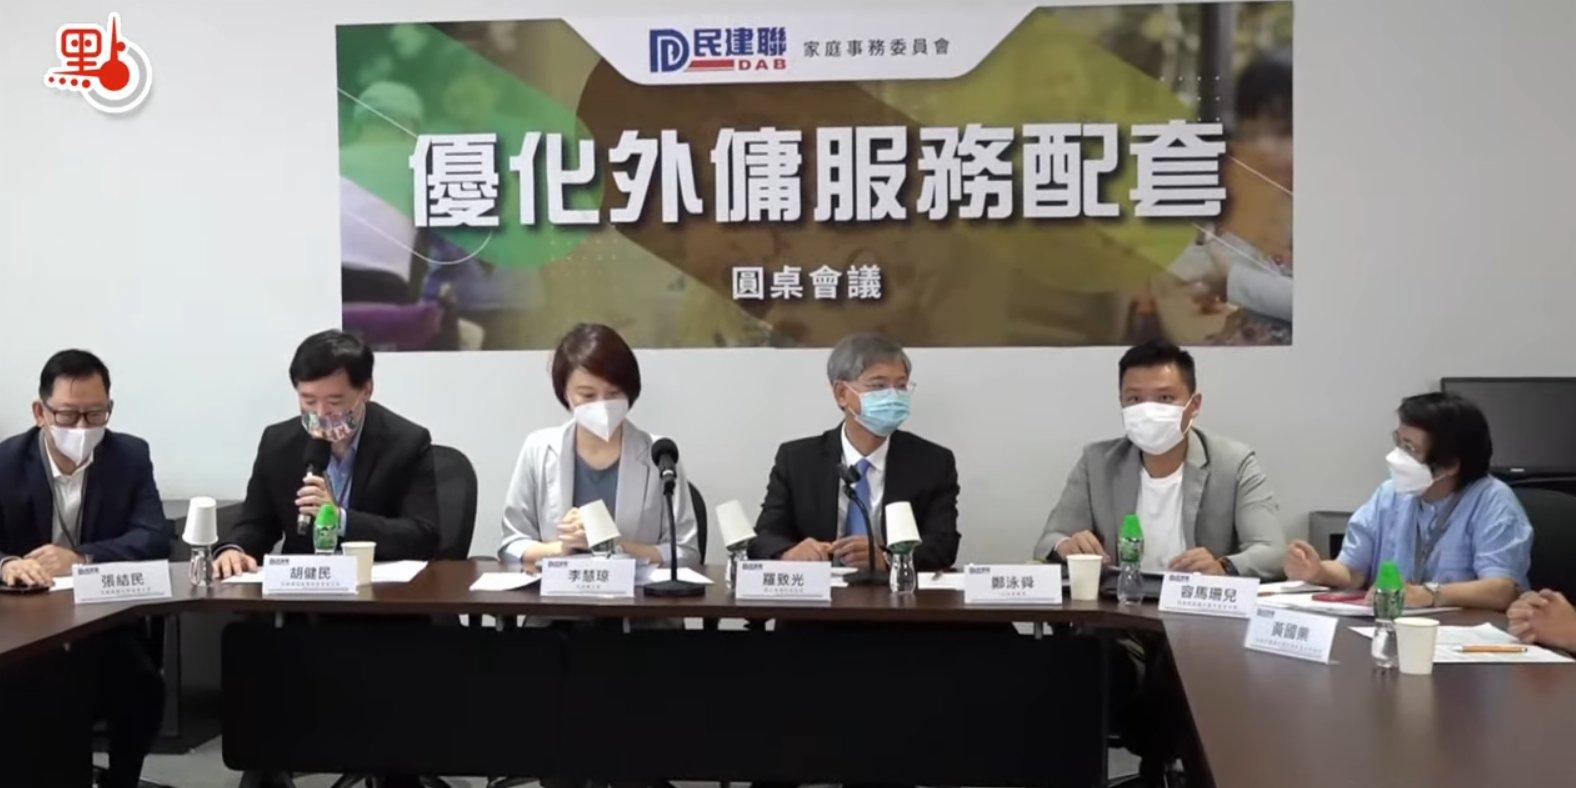 【點直播】 民建聯「優化外傭服務配套」圓桌會議